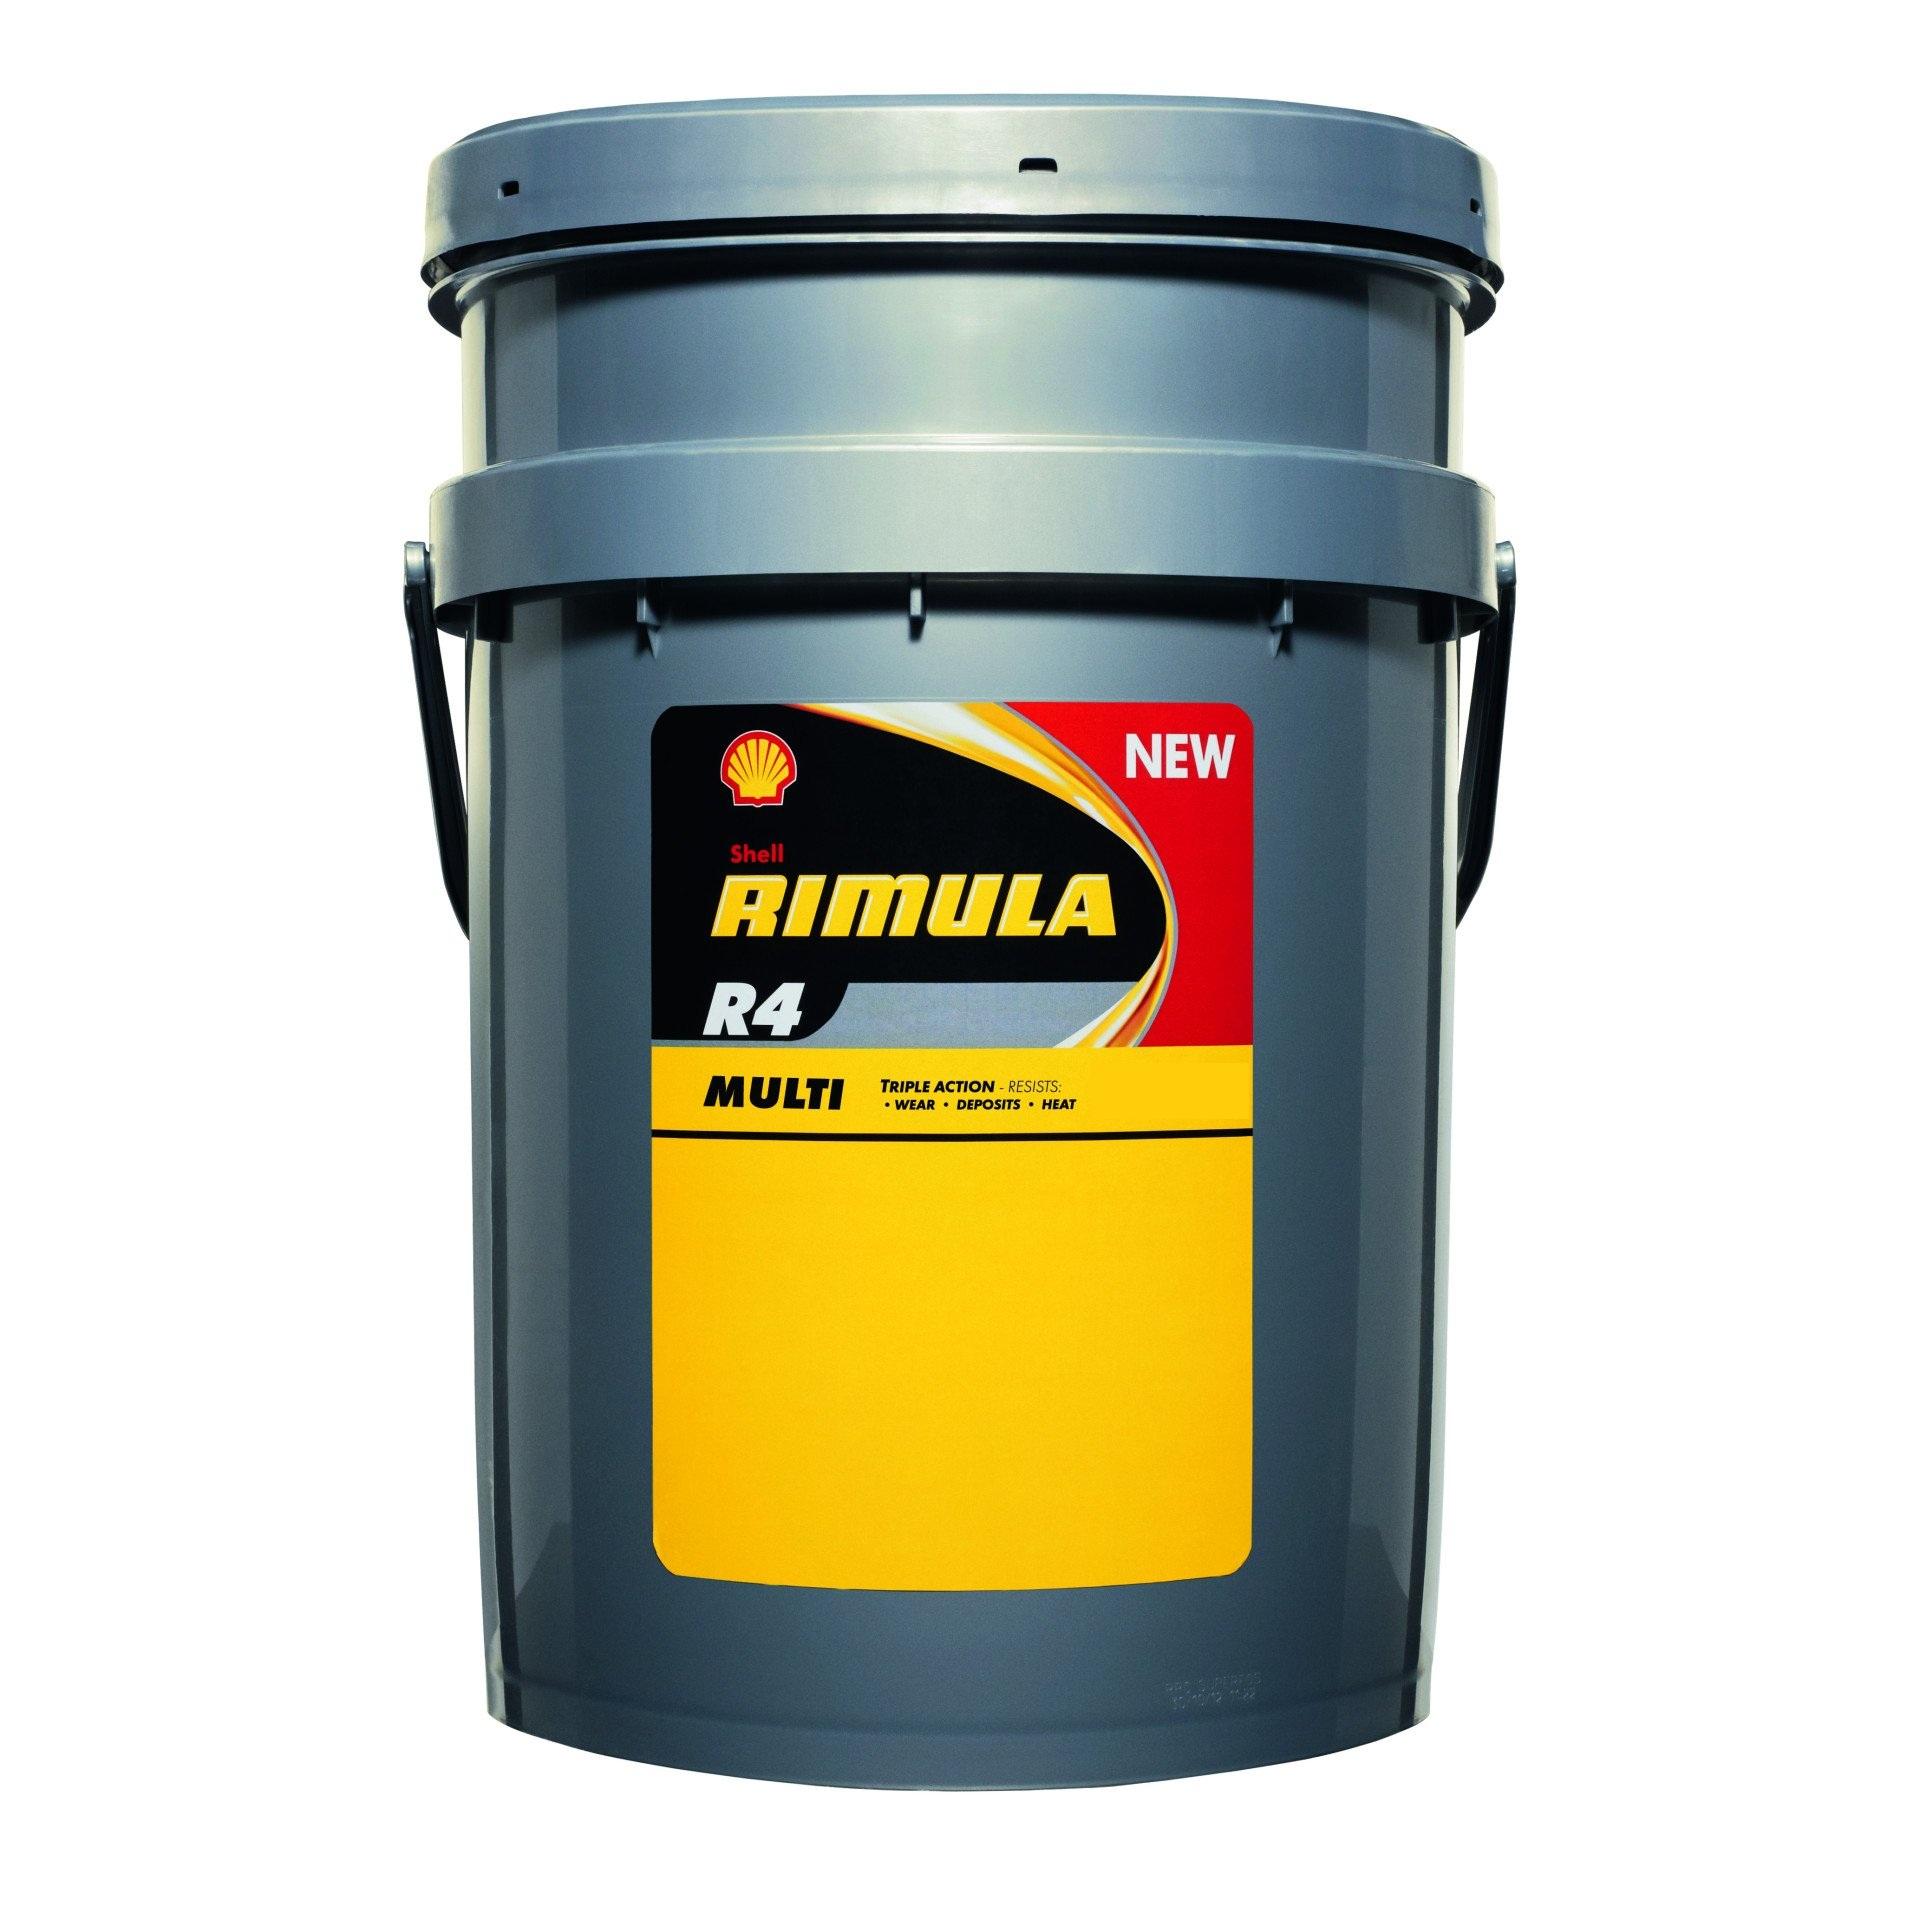 Shell Rimula R4 Multi 15W-40 20л